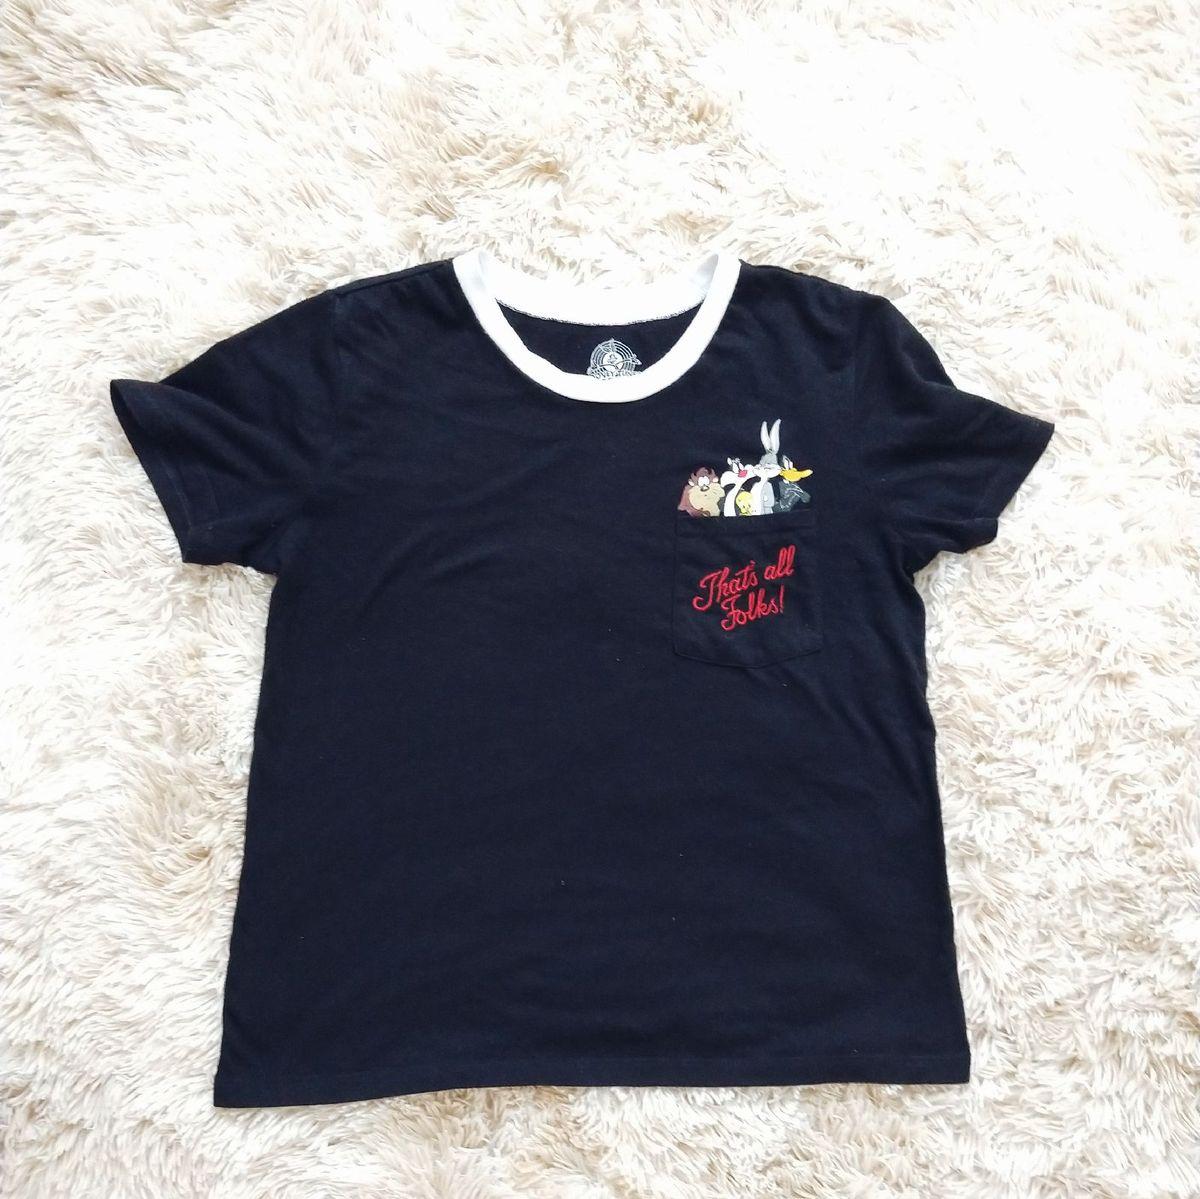 42fcec2998 camiseta forever 21 that s all folks! - camisetas forever-21